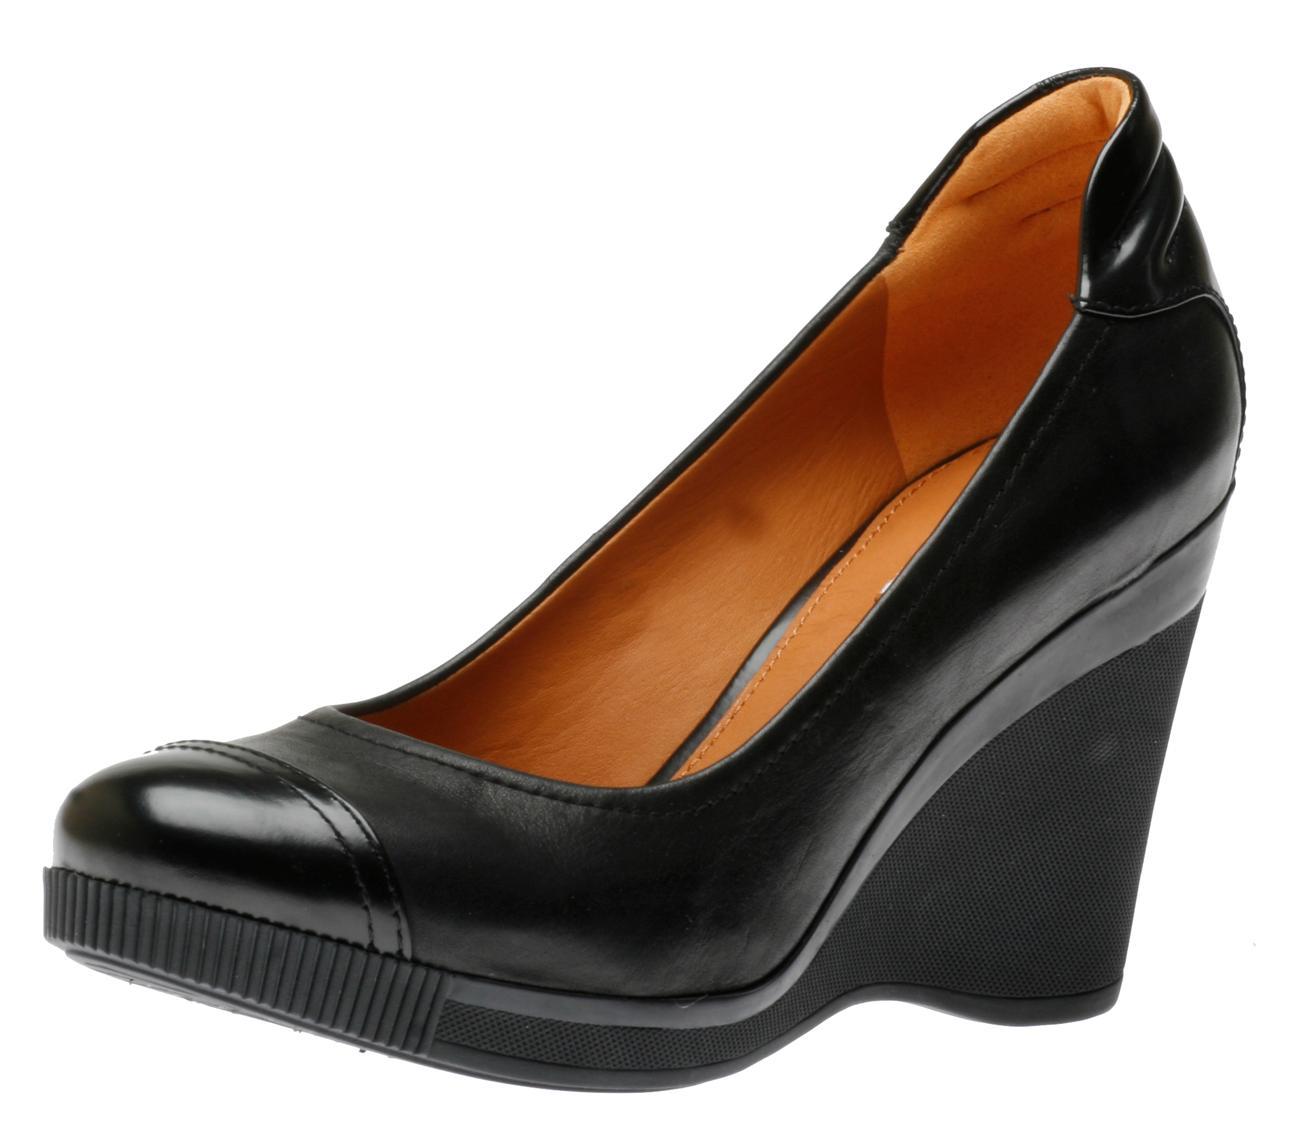 Home : Women : Shoes : Geox : Geox Dori Womens Wedge Heeled